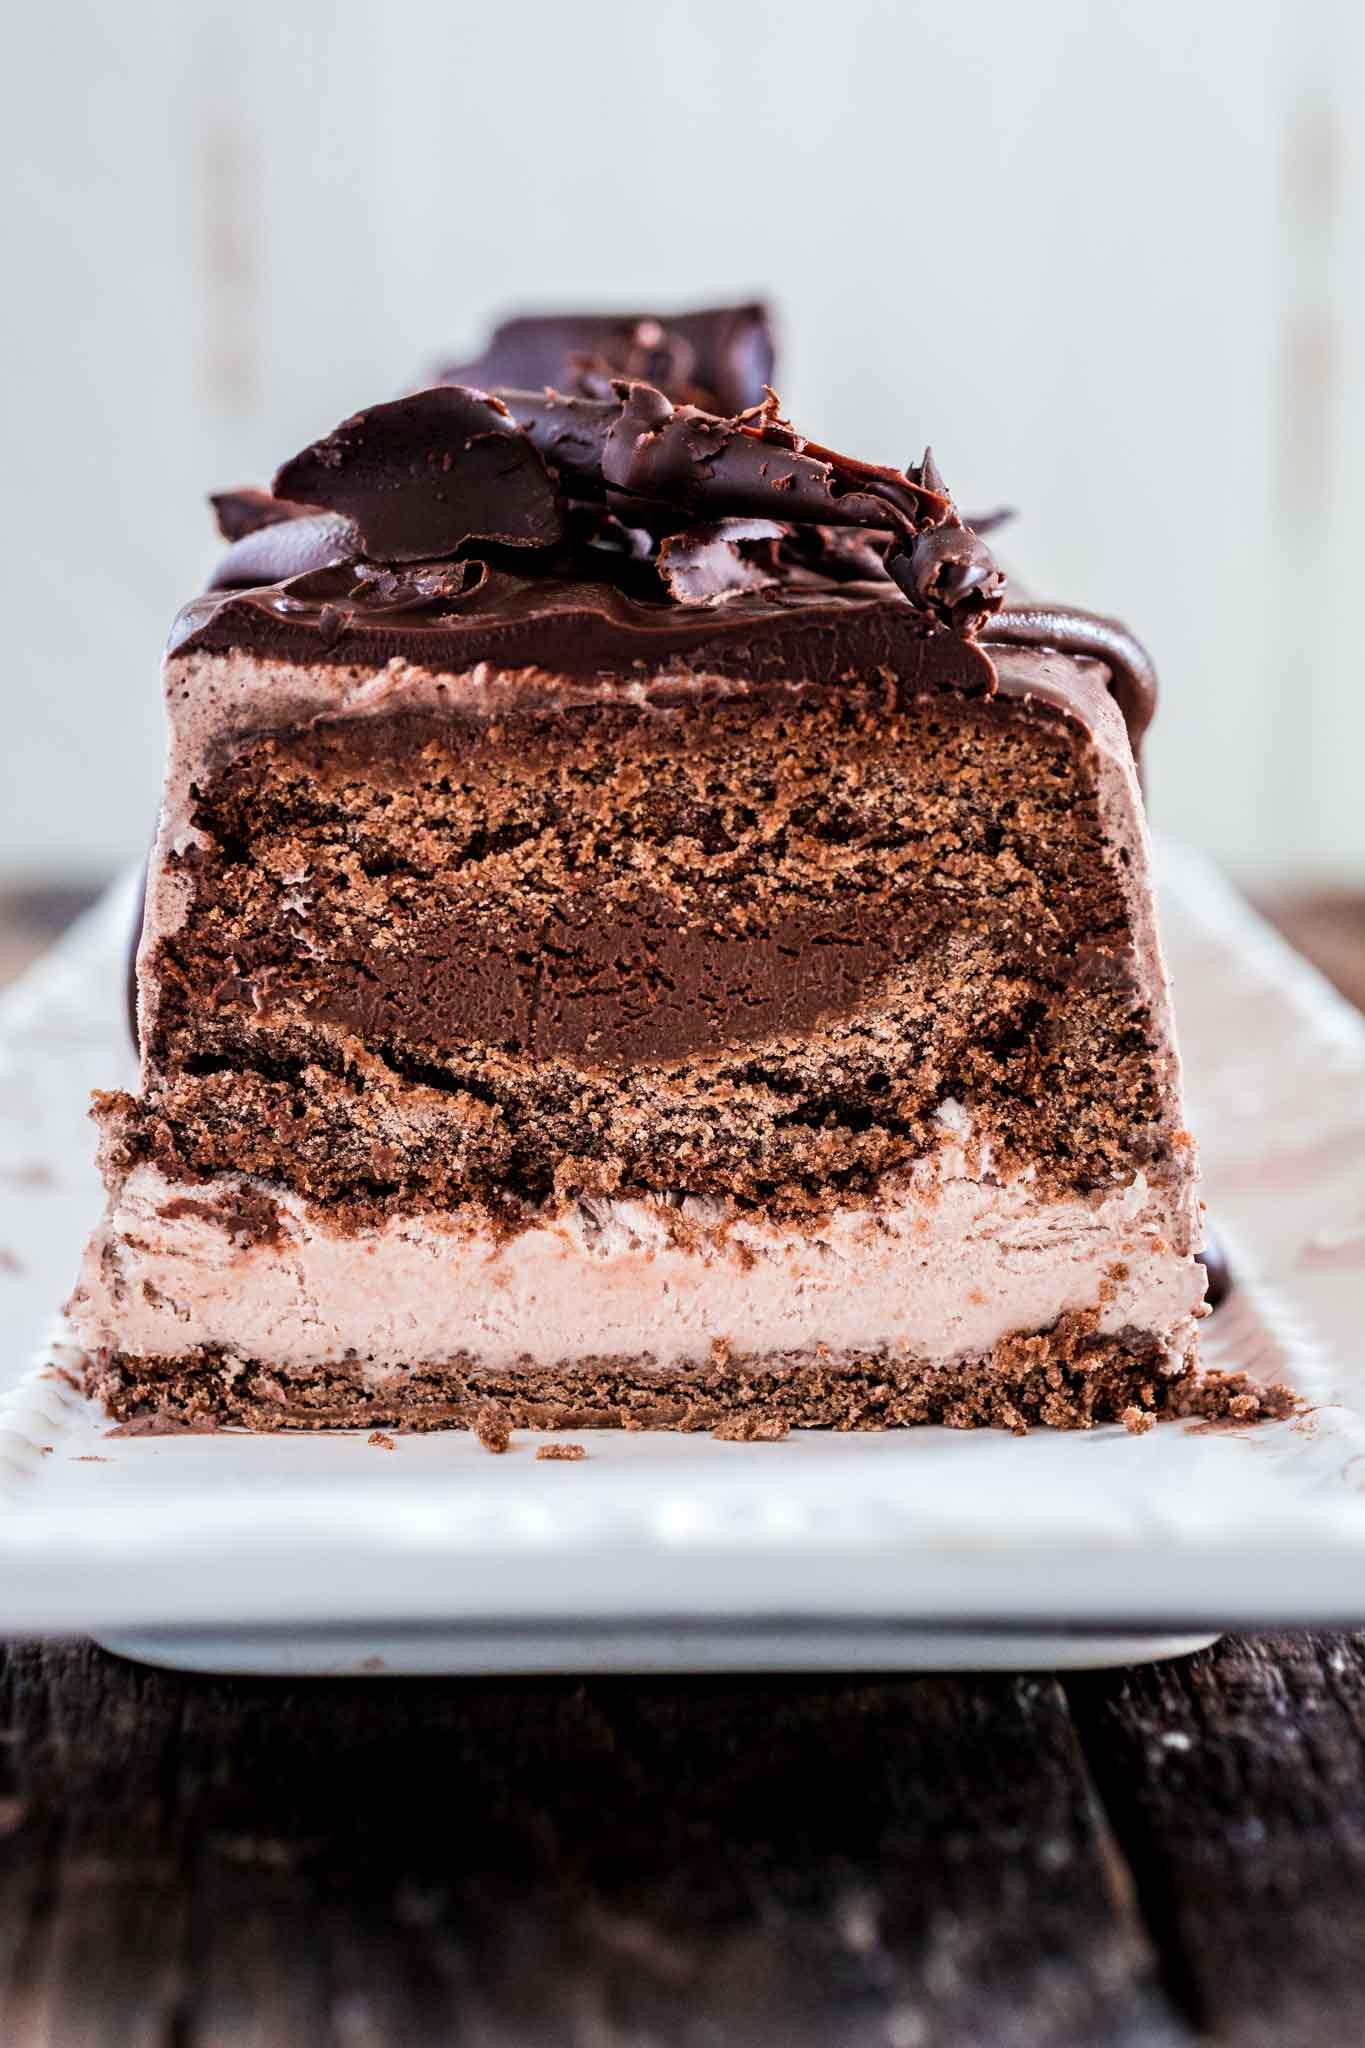 Chocolate Ice Cream Cake  Chocolate Ice Cream Cake Olivia s Cuisine